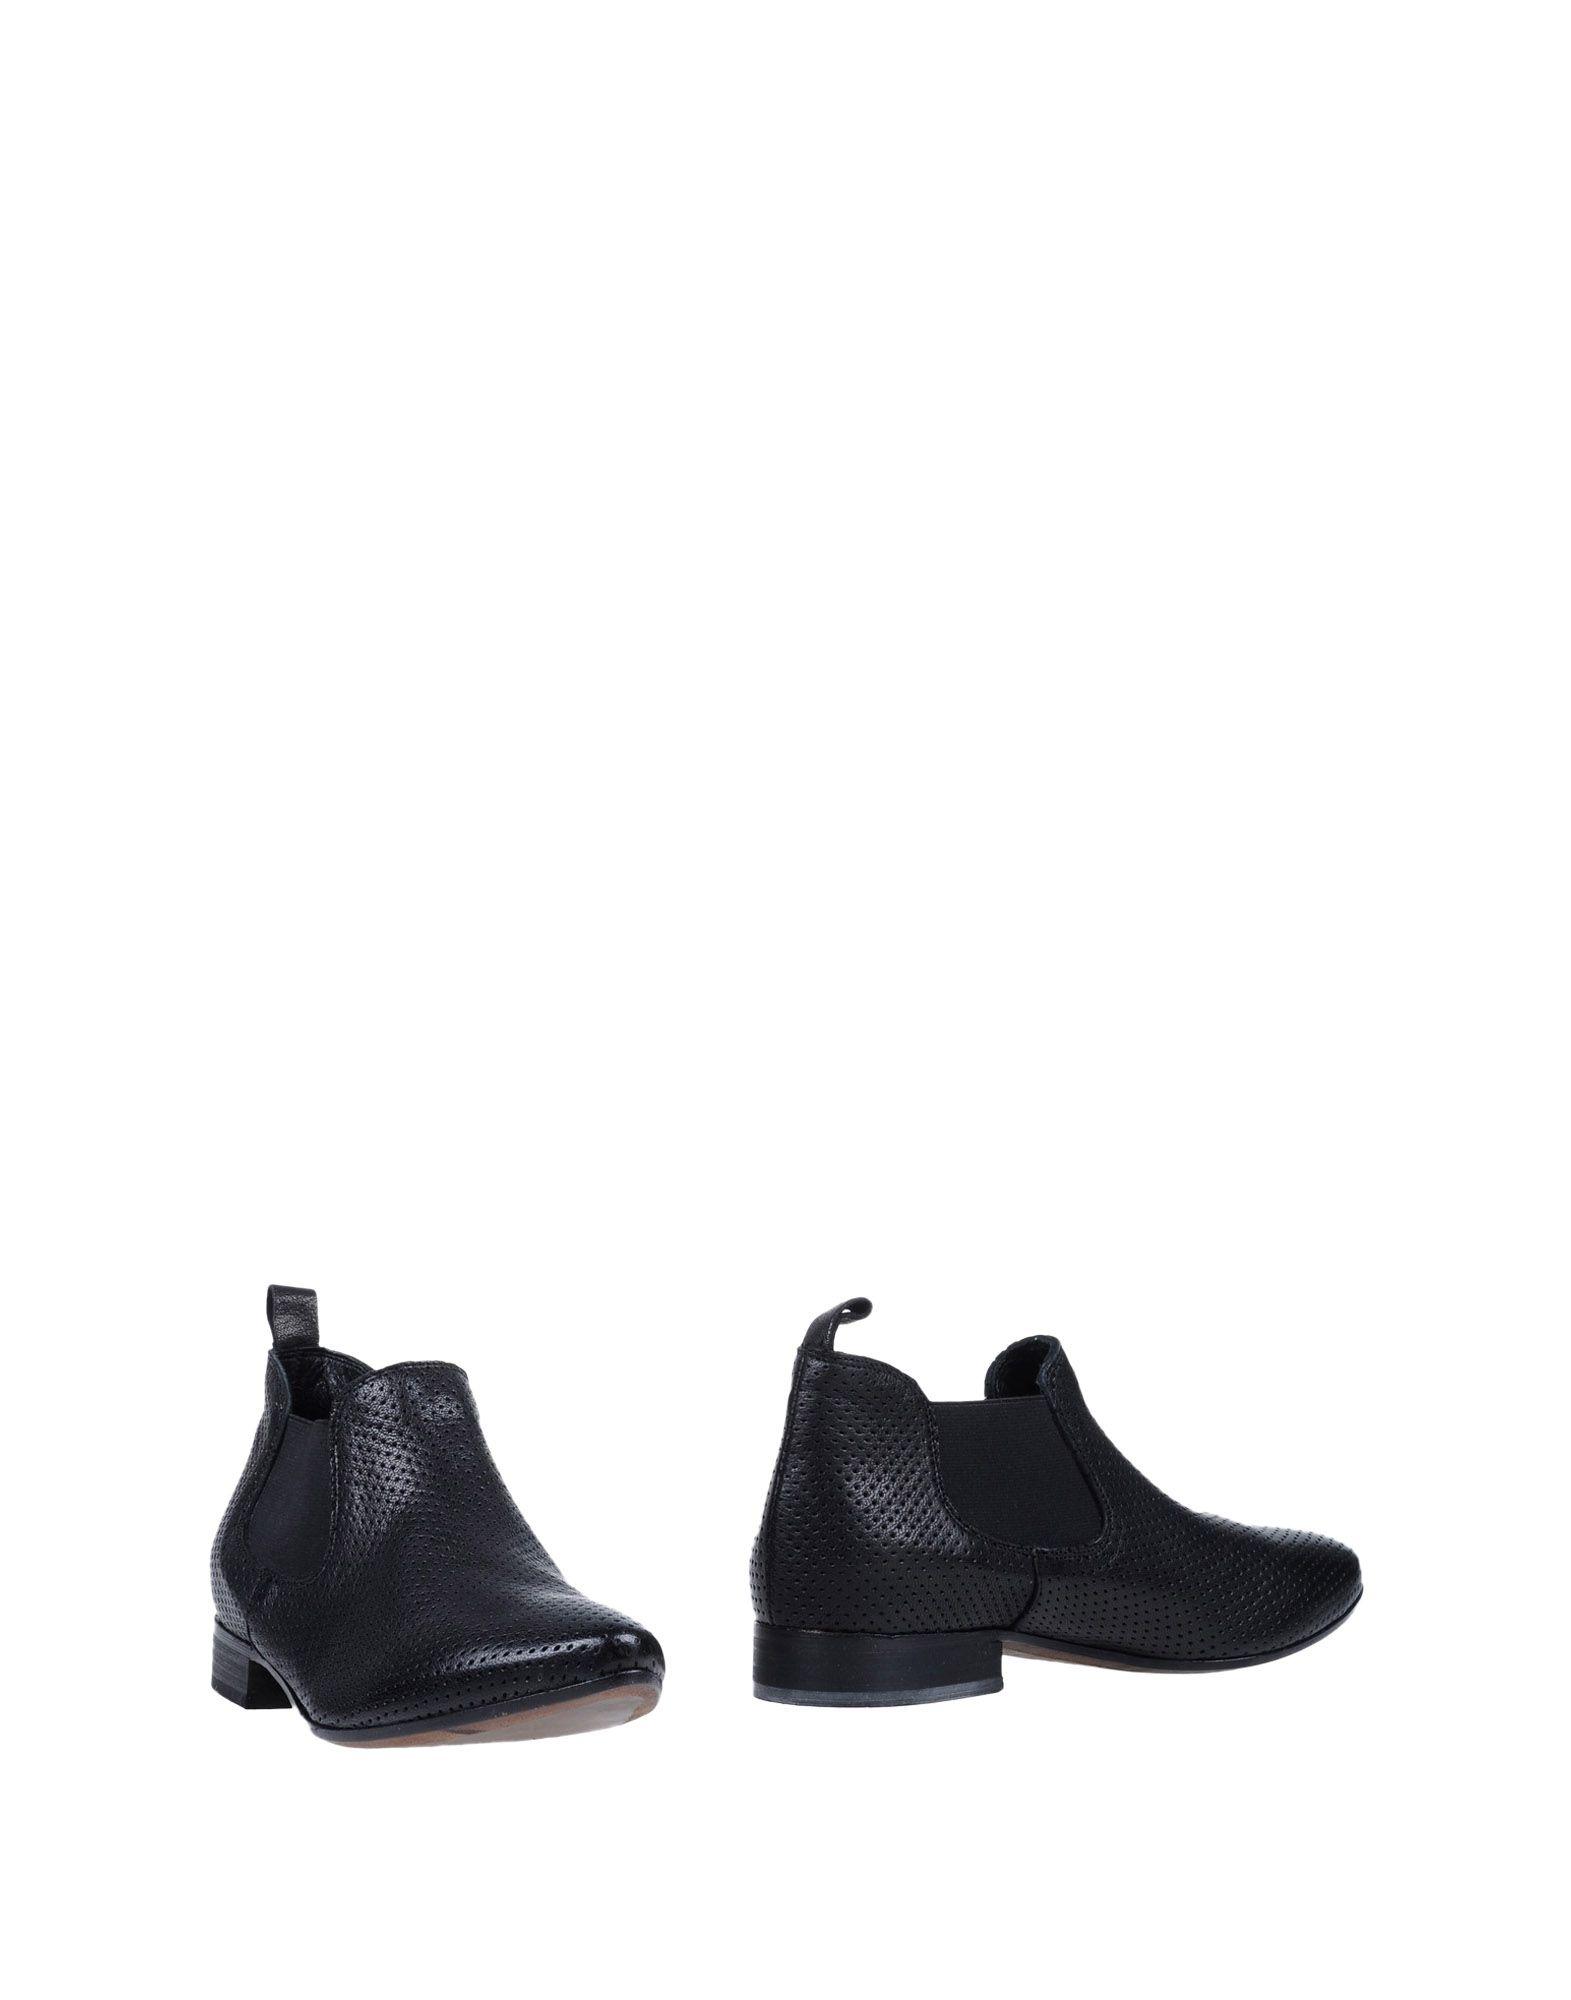 Geneve Chelsea Boots Damen  11375760IB Gute Qualität beliebte Schuhe